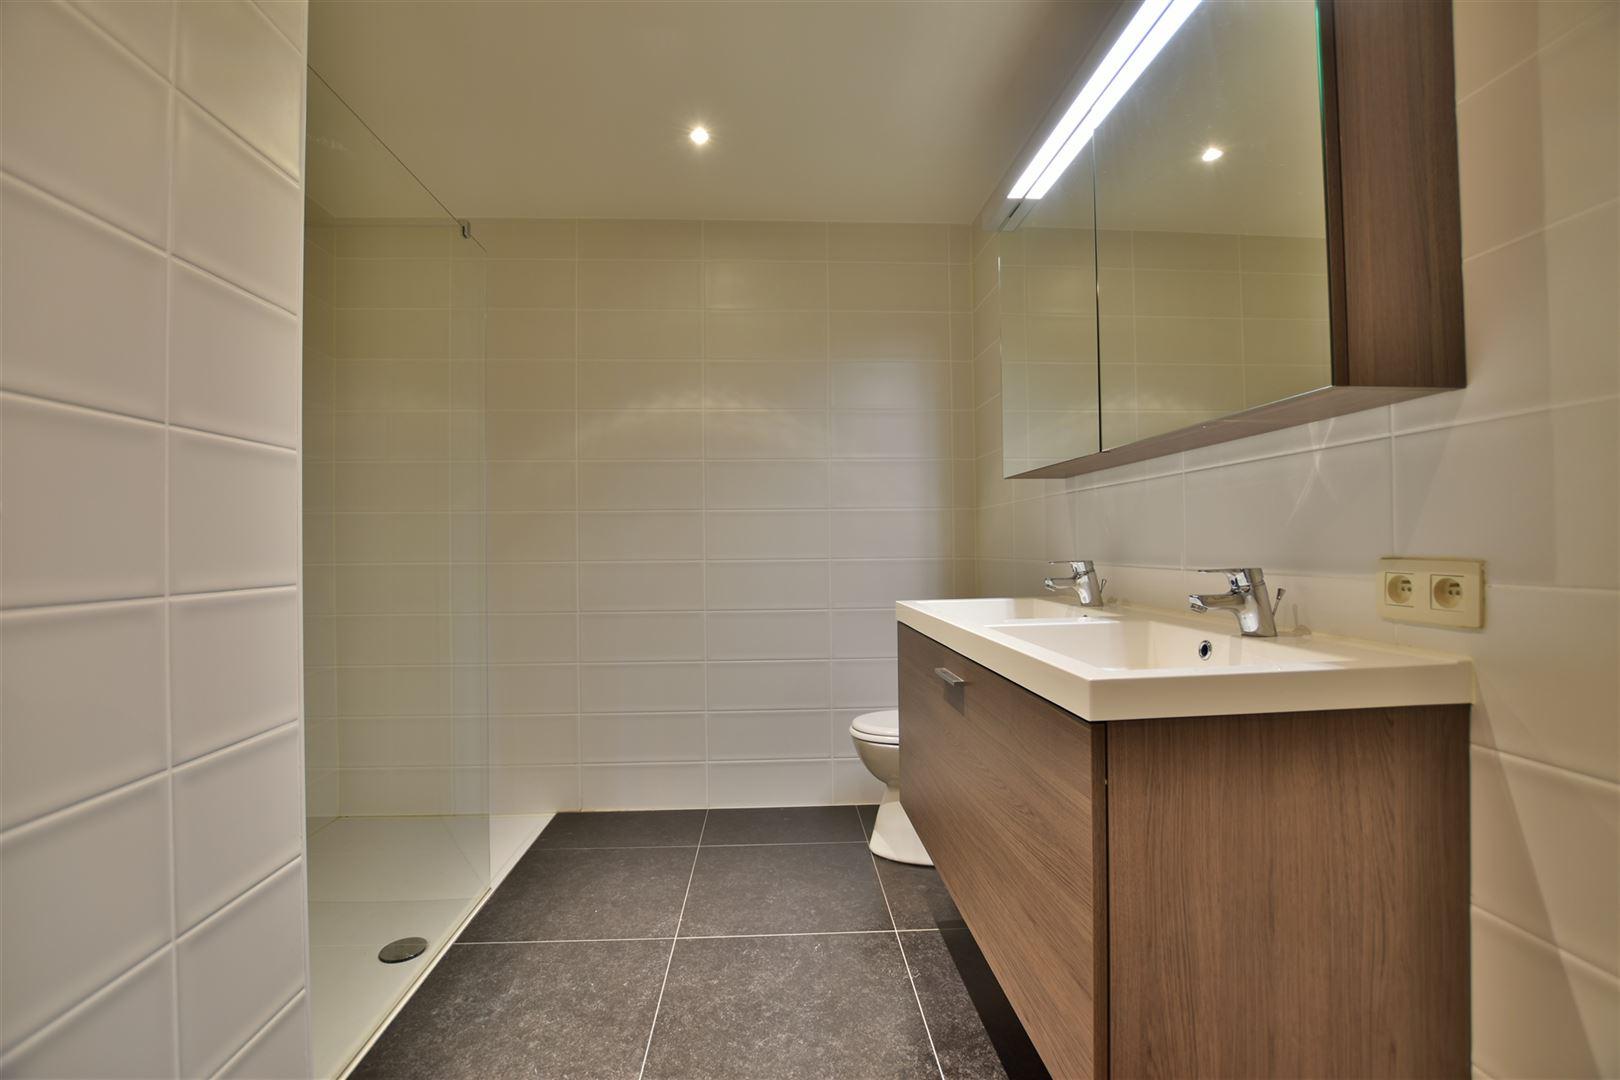 Foto 20 : Appartement te 9200 Sint-Gillis-bij-Dendermonde (België) - Prijs € 278.000